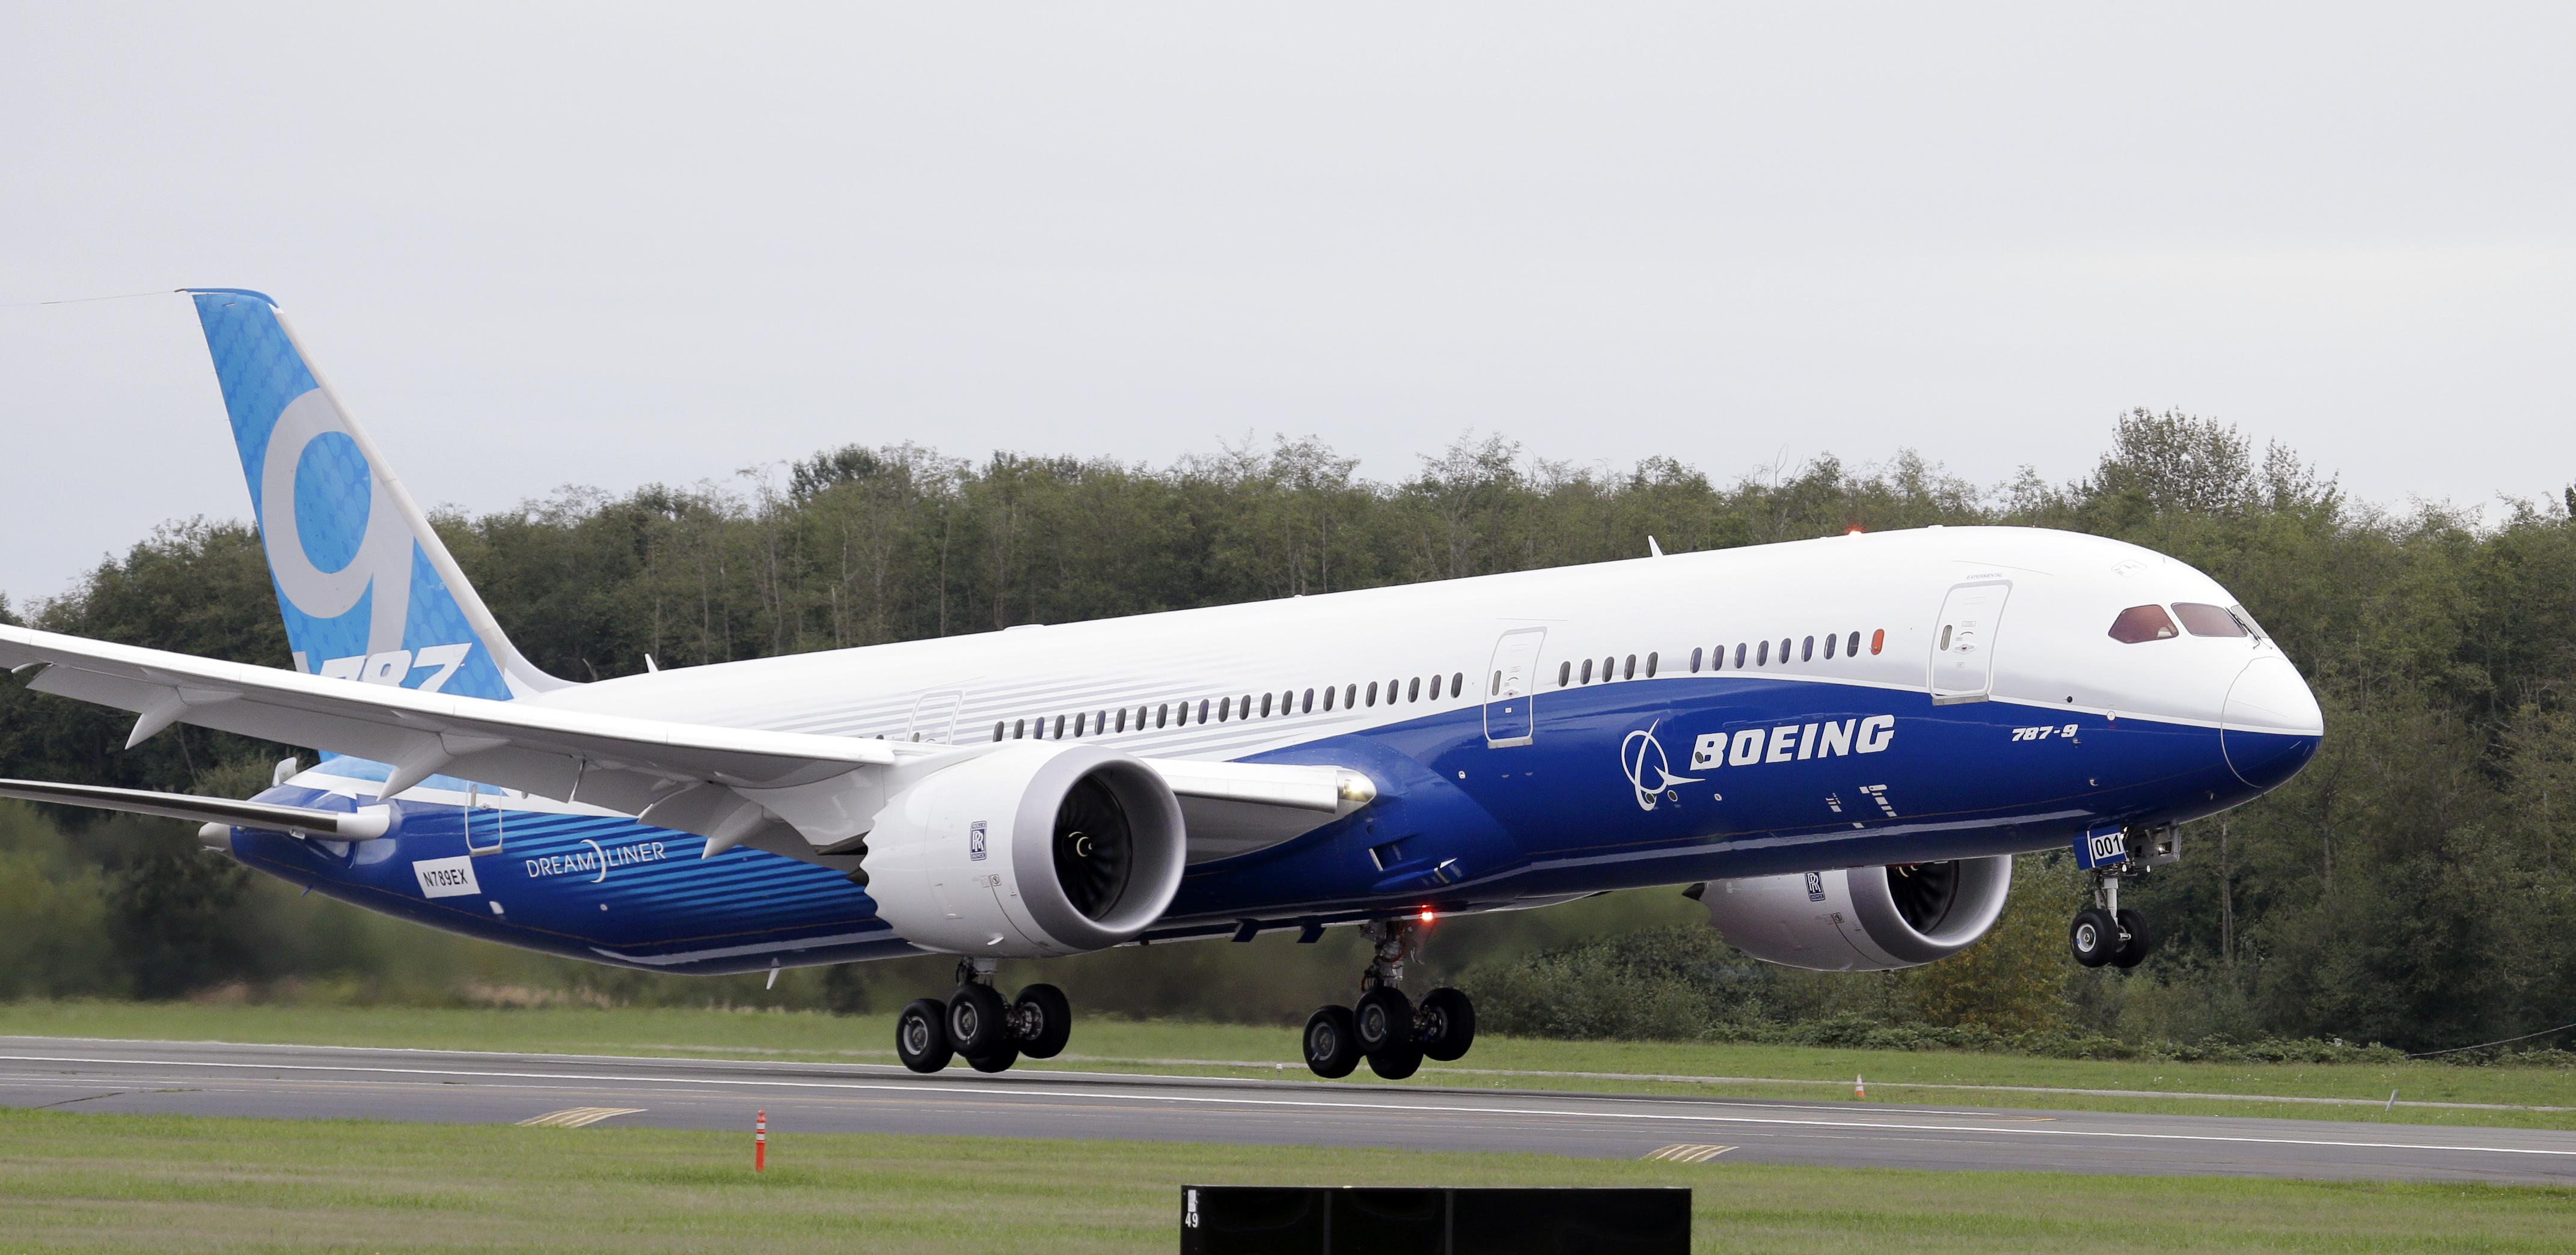 Latest Boeing Dreamliner takes off   CNN Travel